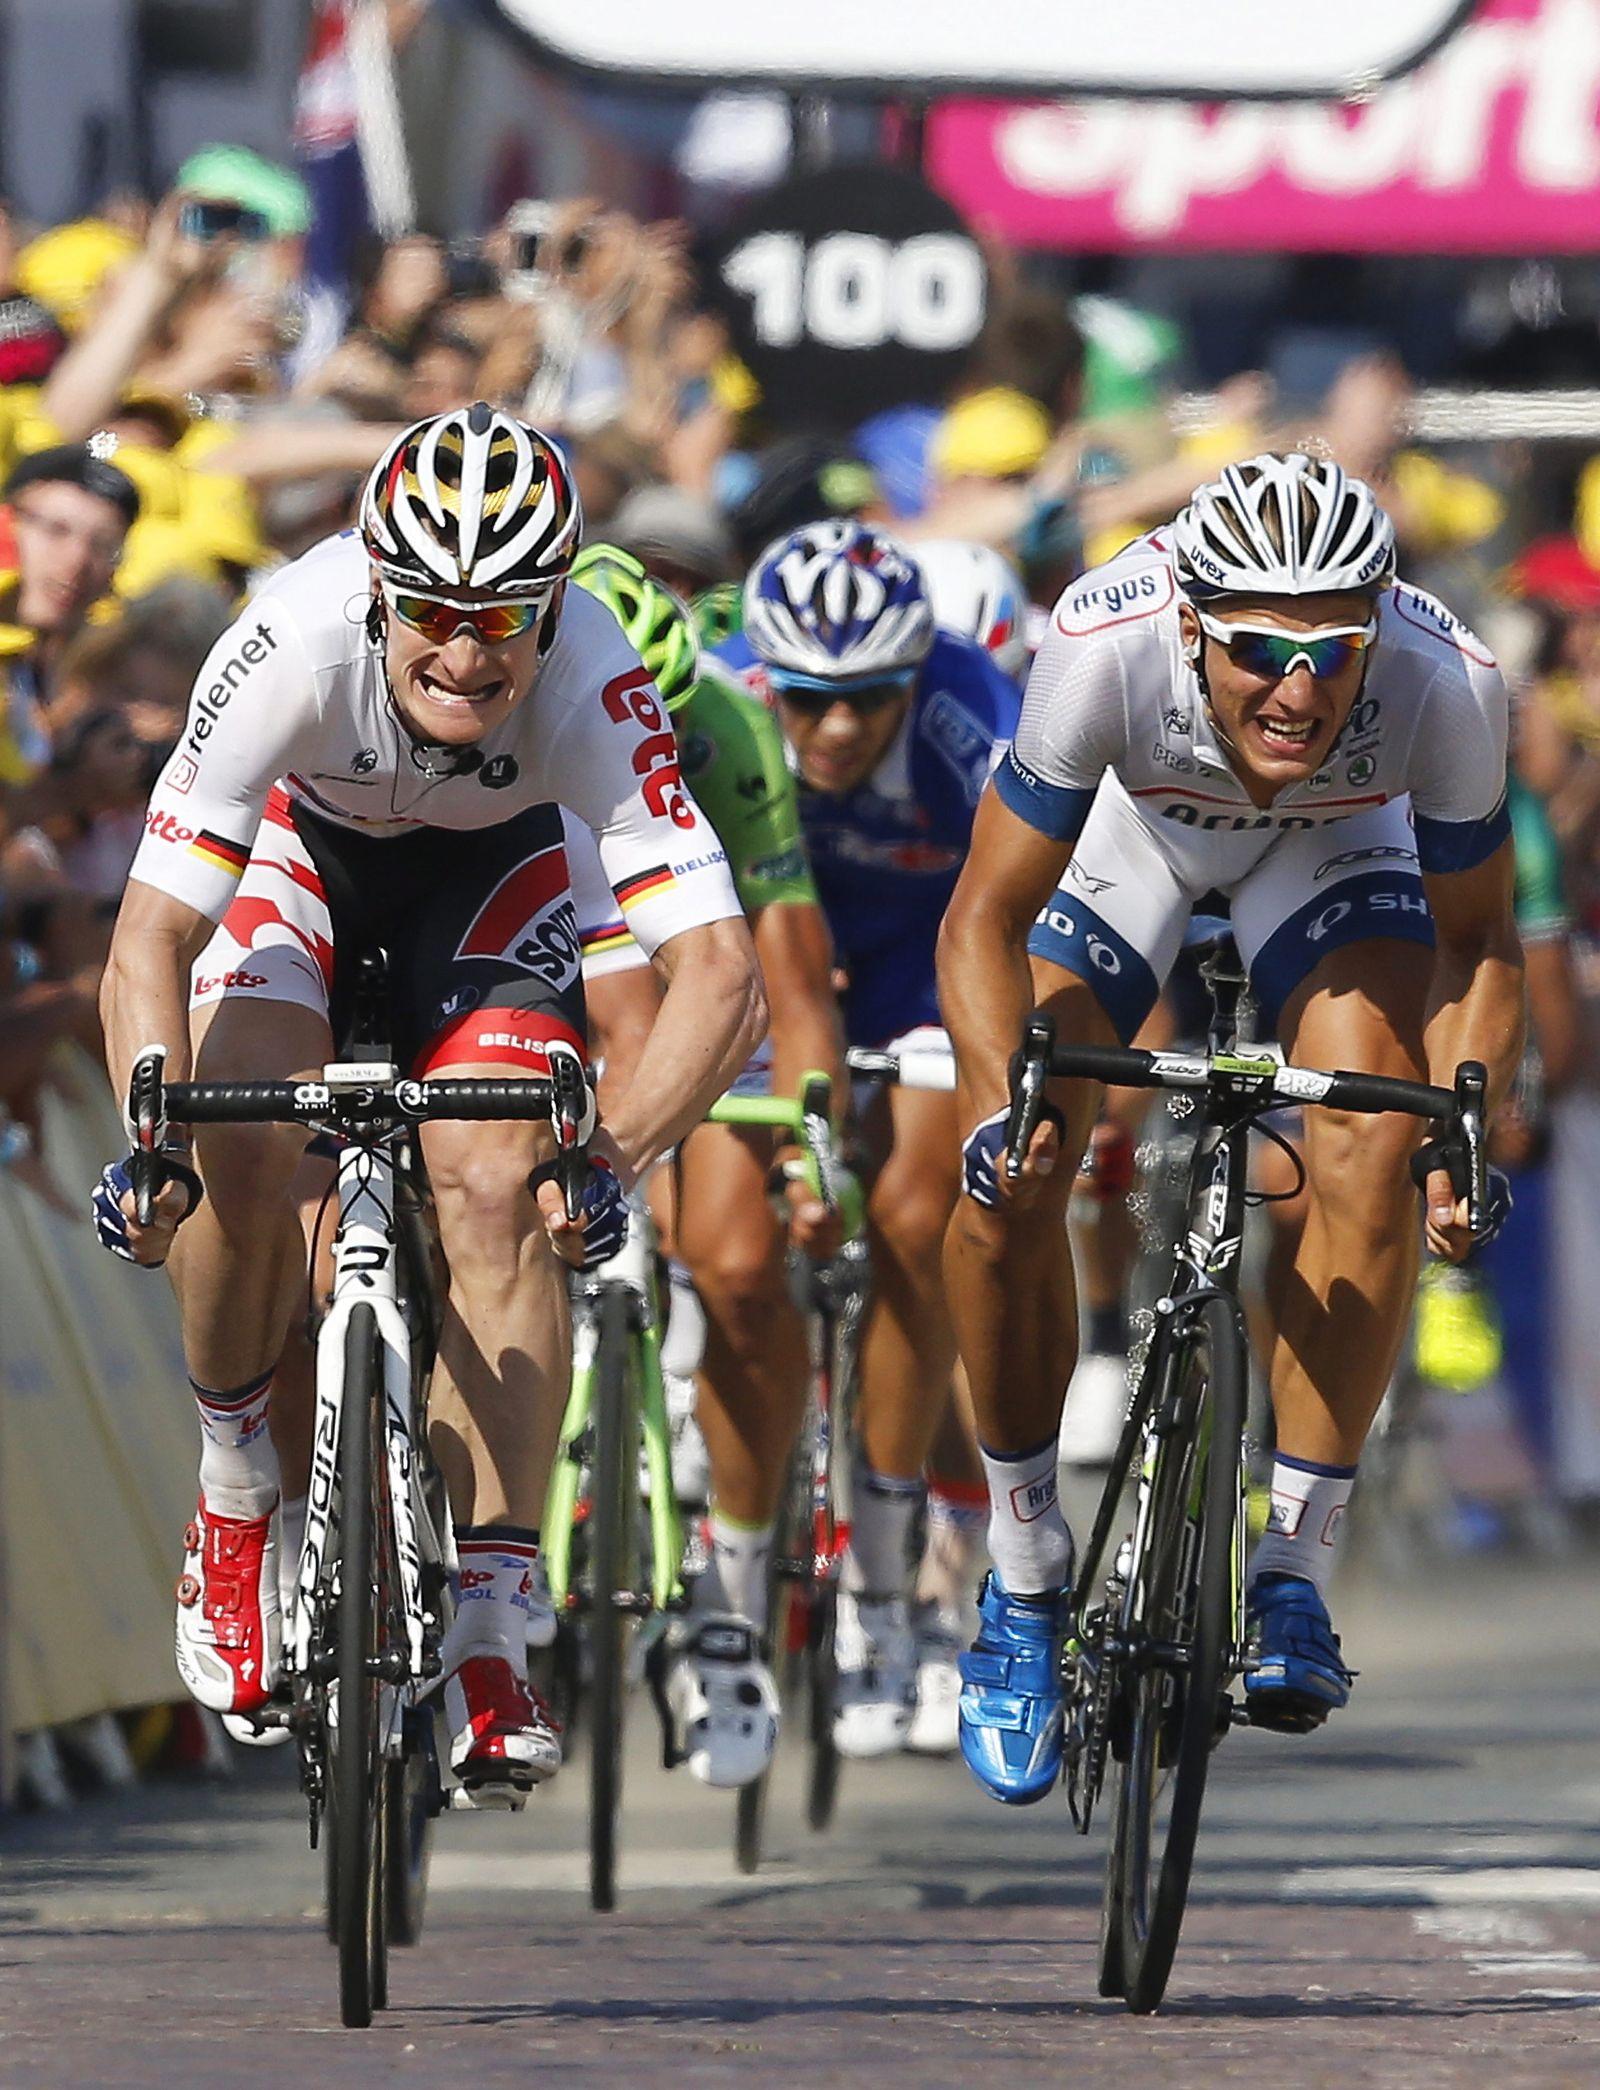 Tour de France 2013 10th stage